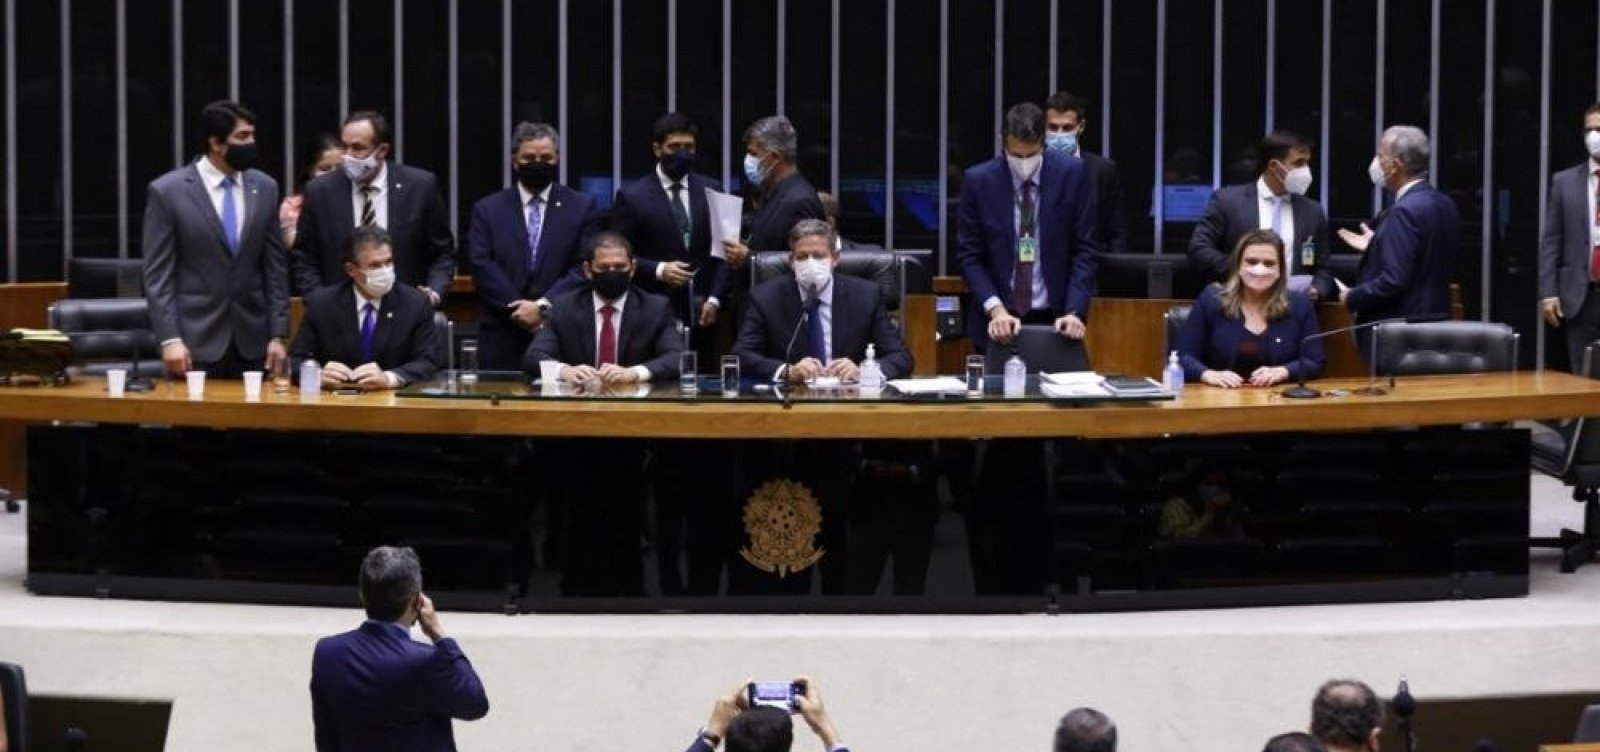 [Câmara dos Deputados elege Mesa Diretora para mandato de dois anos]